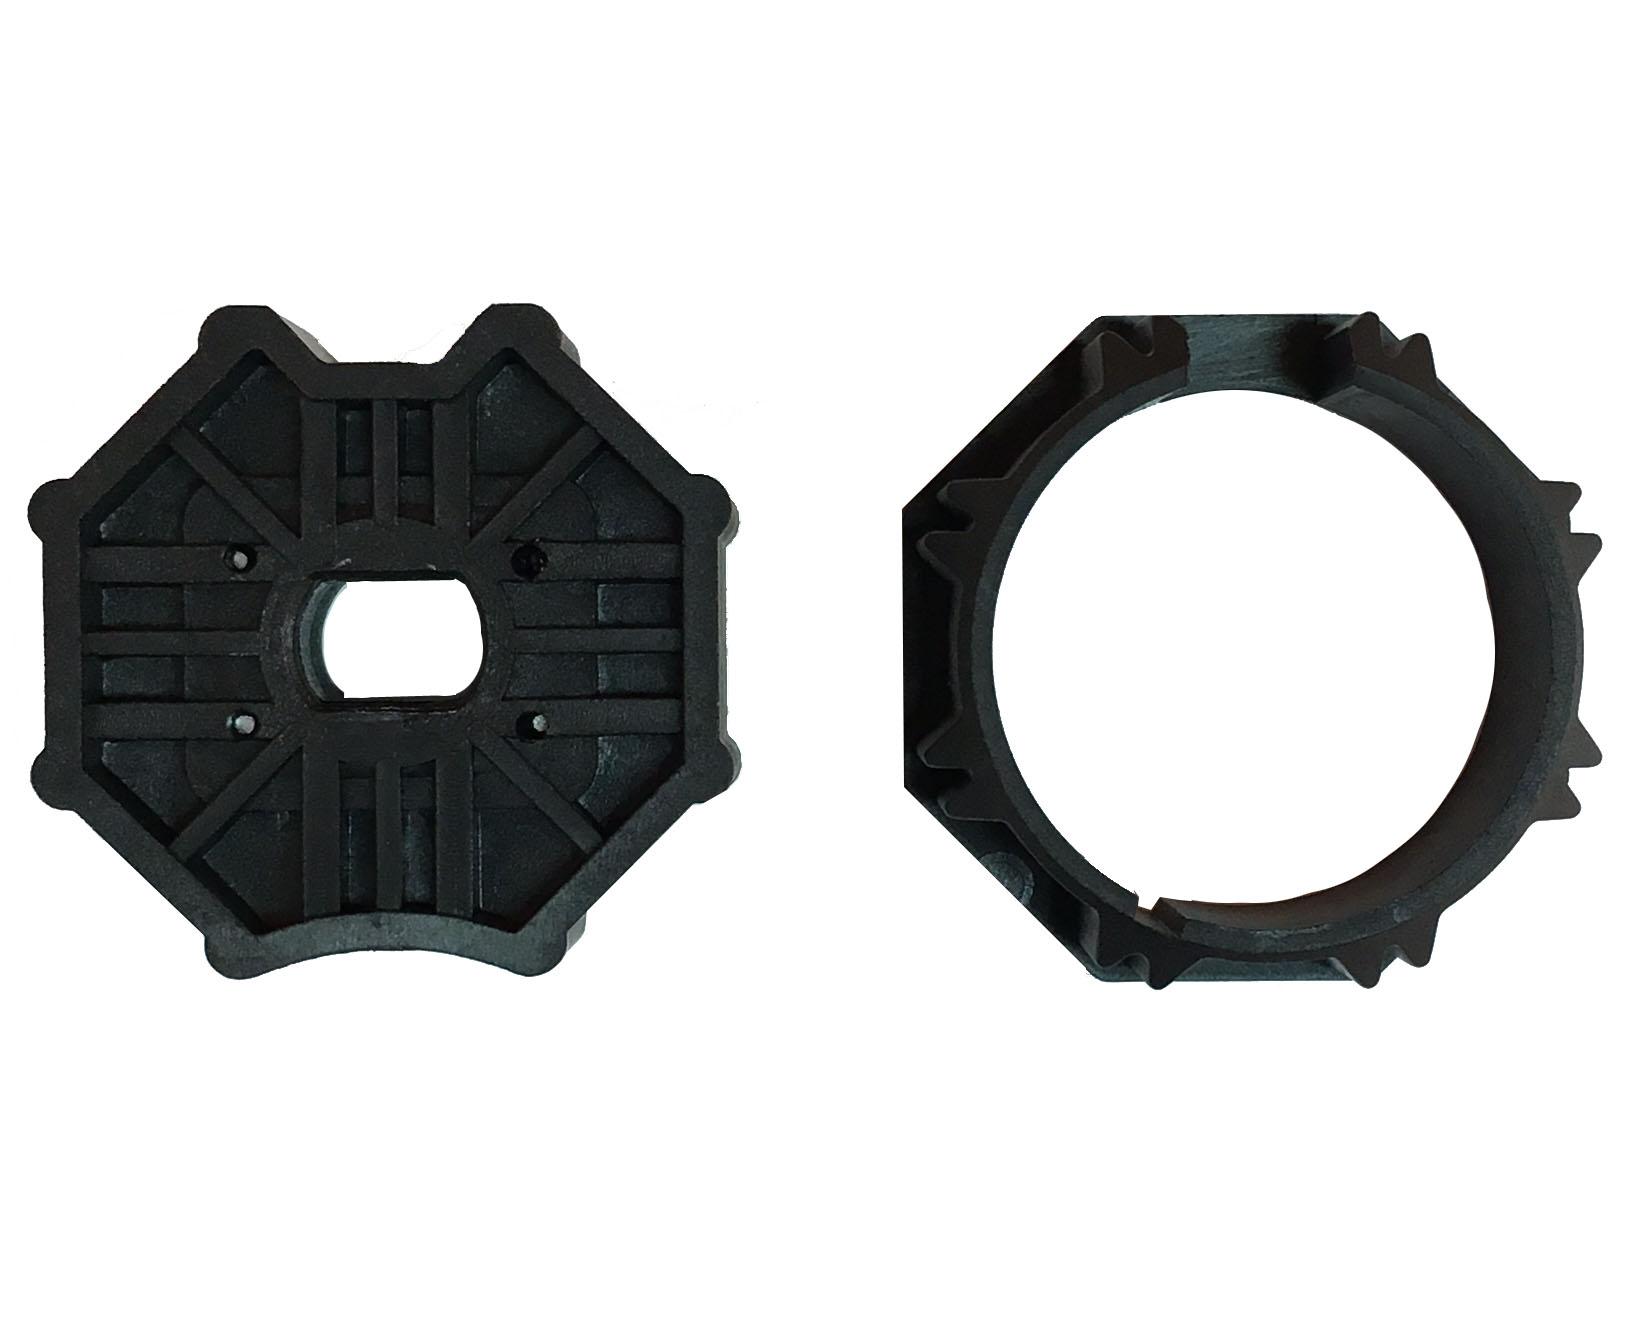 Ante A Tapparella adattatore per motore tubolare per tapparella ottagonale 60 mm attacco  10x15 mm | atecnica